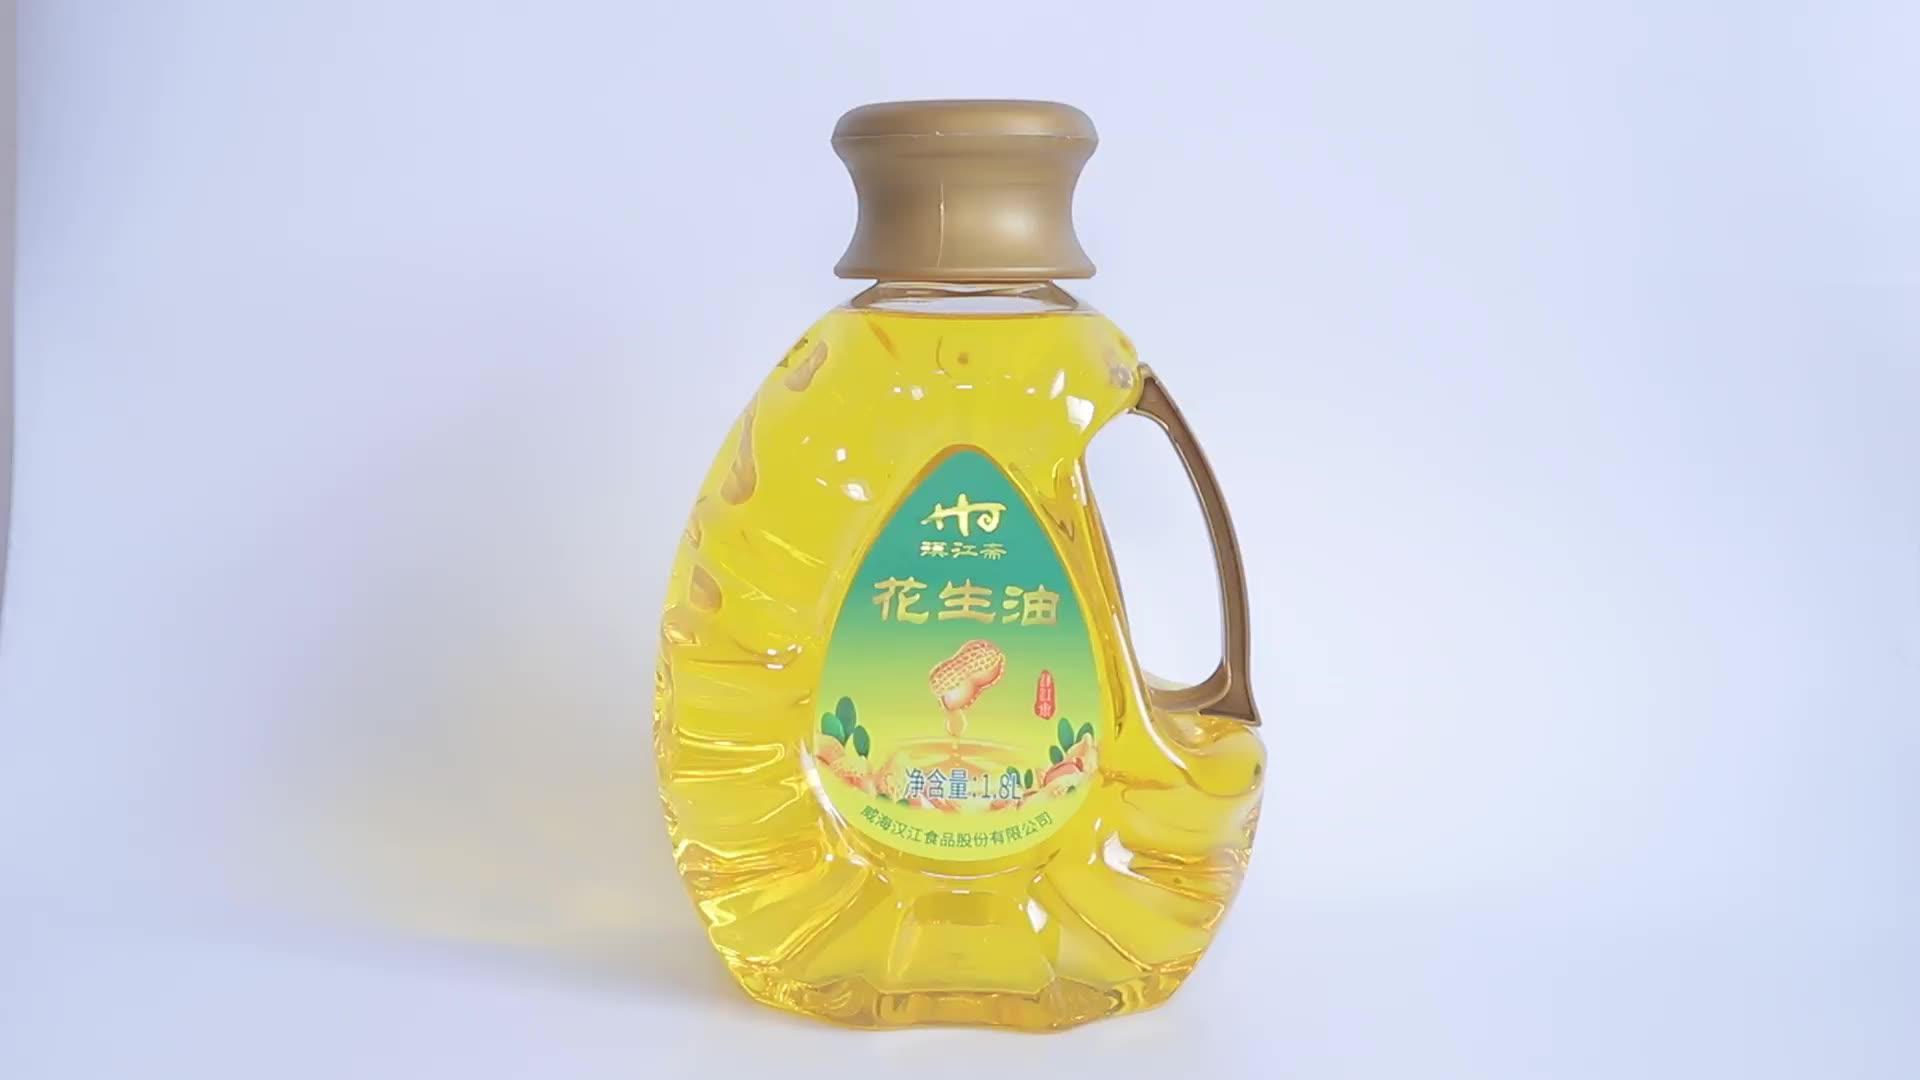 Hoge Kwaliteit Niet-gmo Pinda Eetbare Koken Olie Pinda Olie Smaak